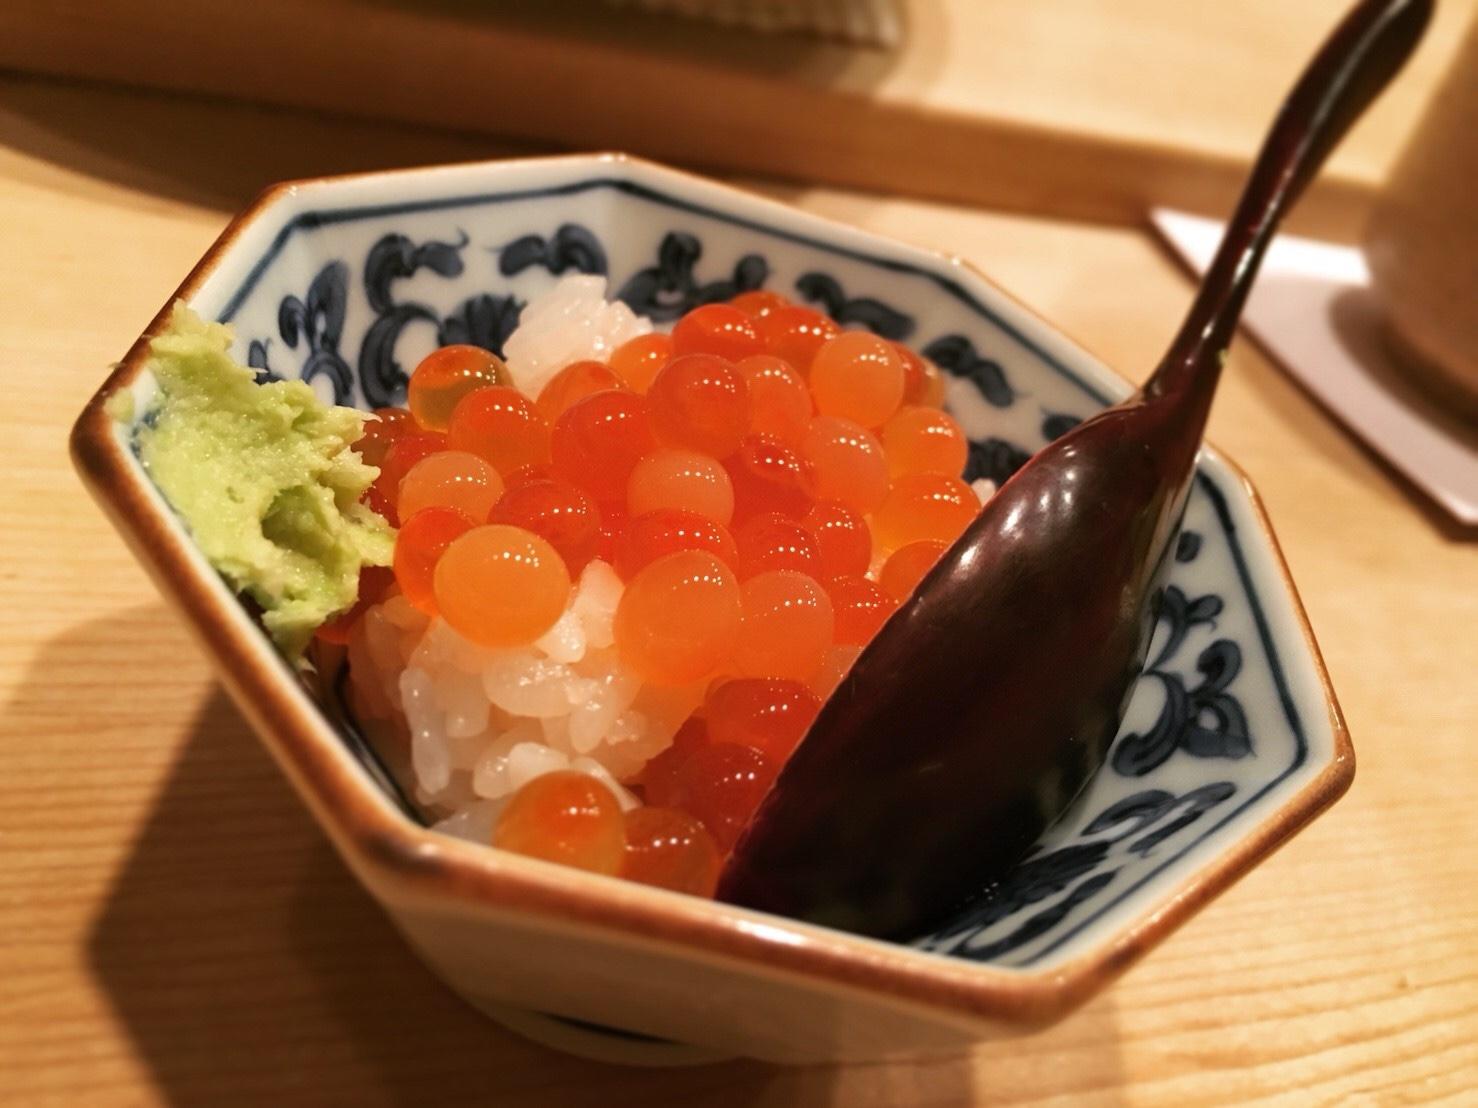 【東京】5千円代で食べれる?リーズナブルな高級寿司3選(食べログ3.7以上、ミシュラン2つ星店)